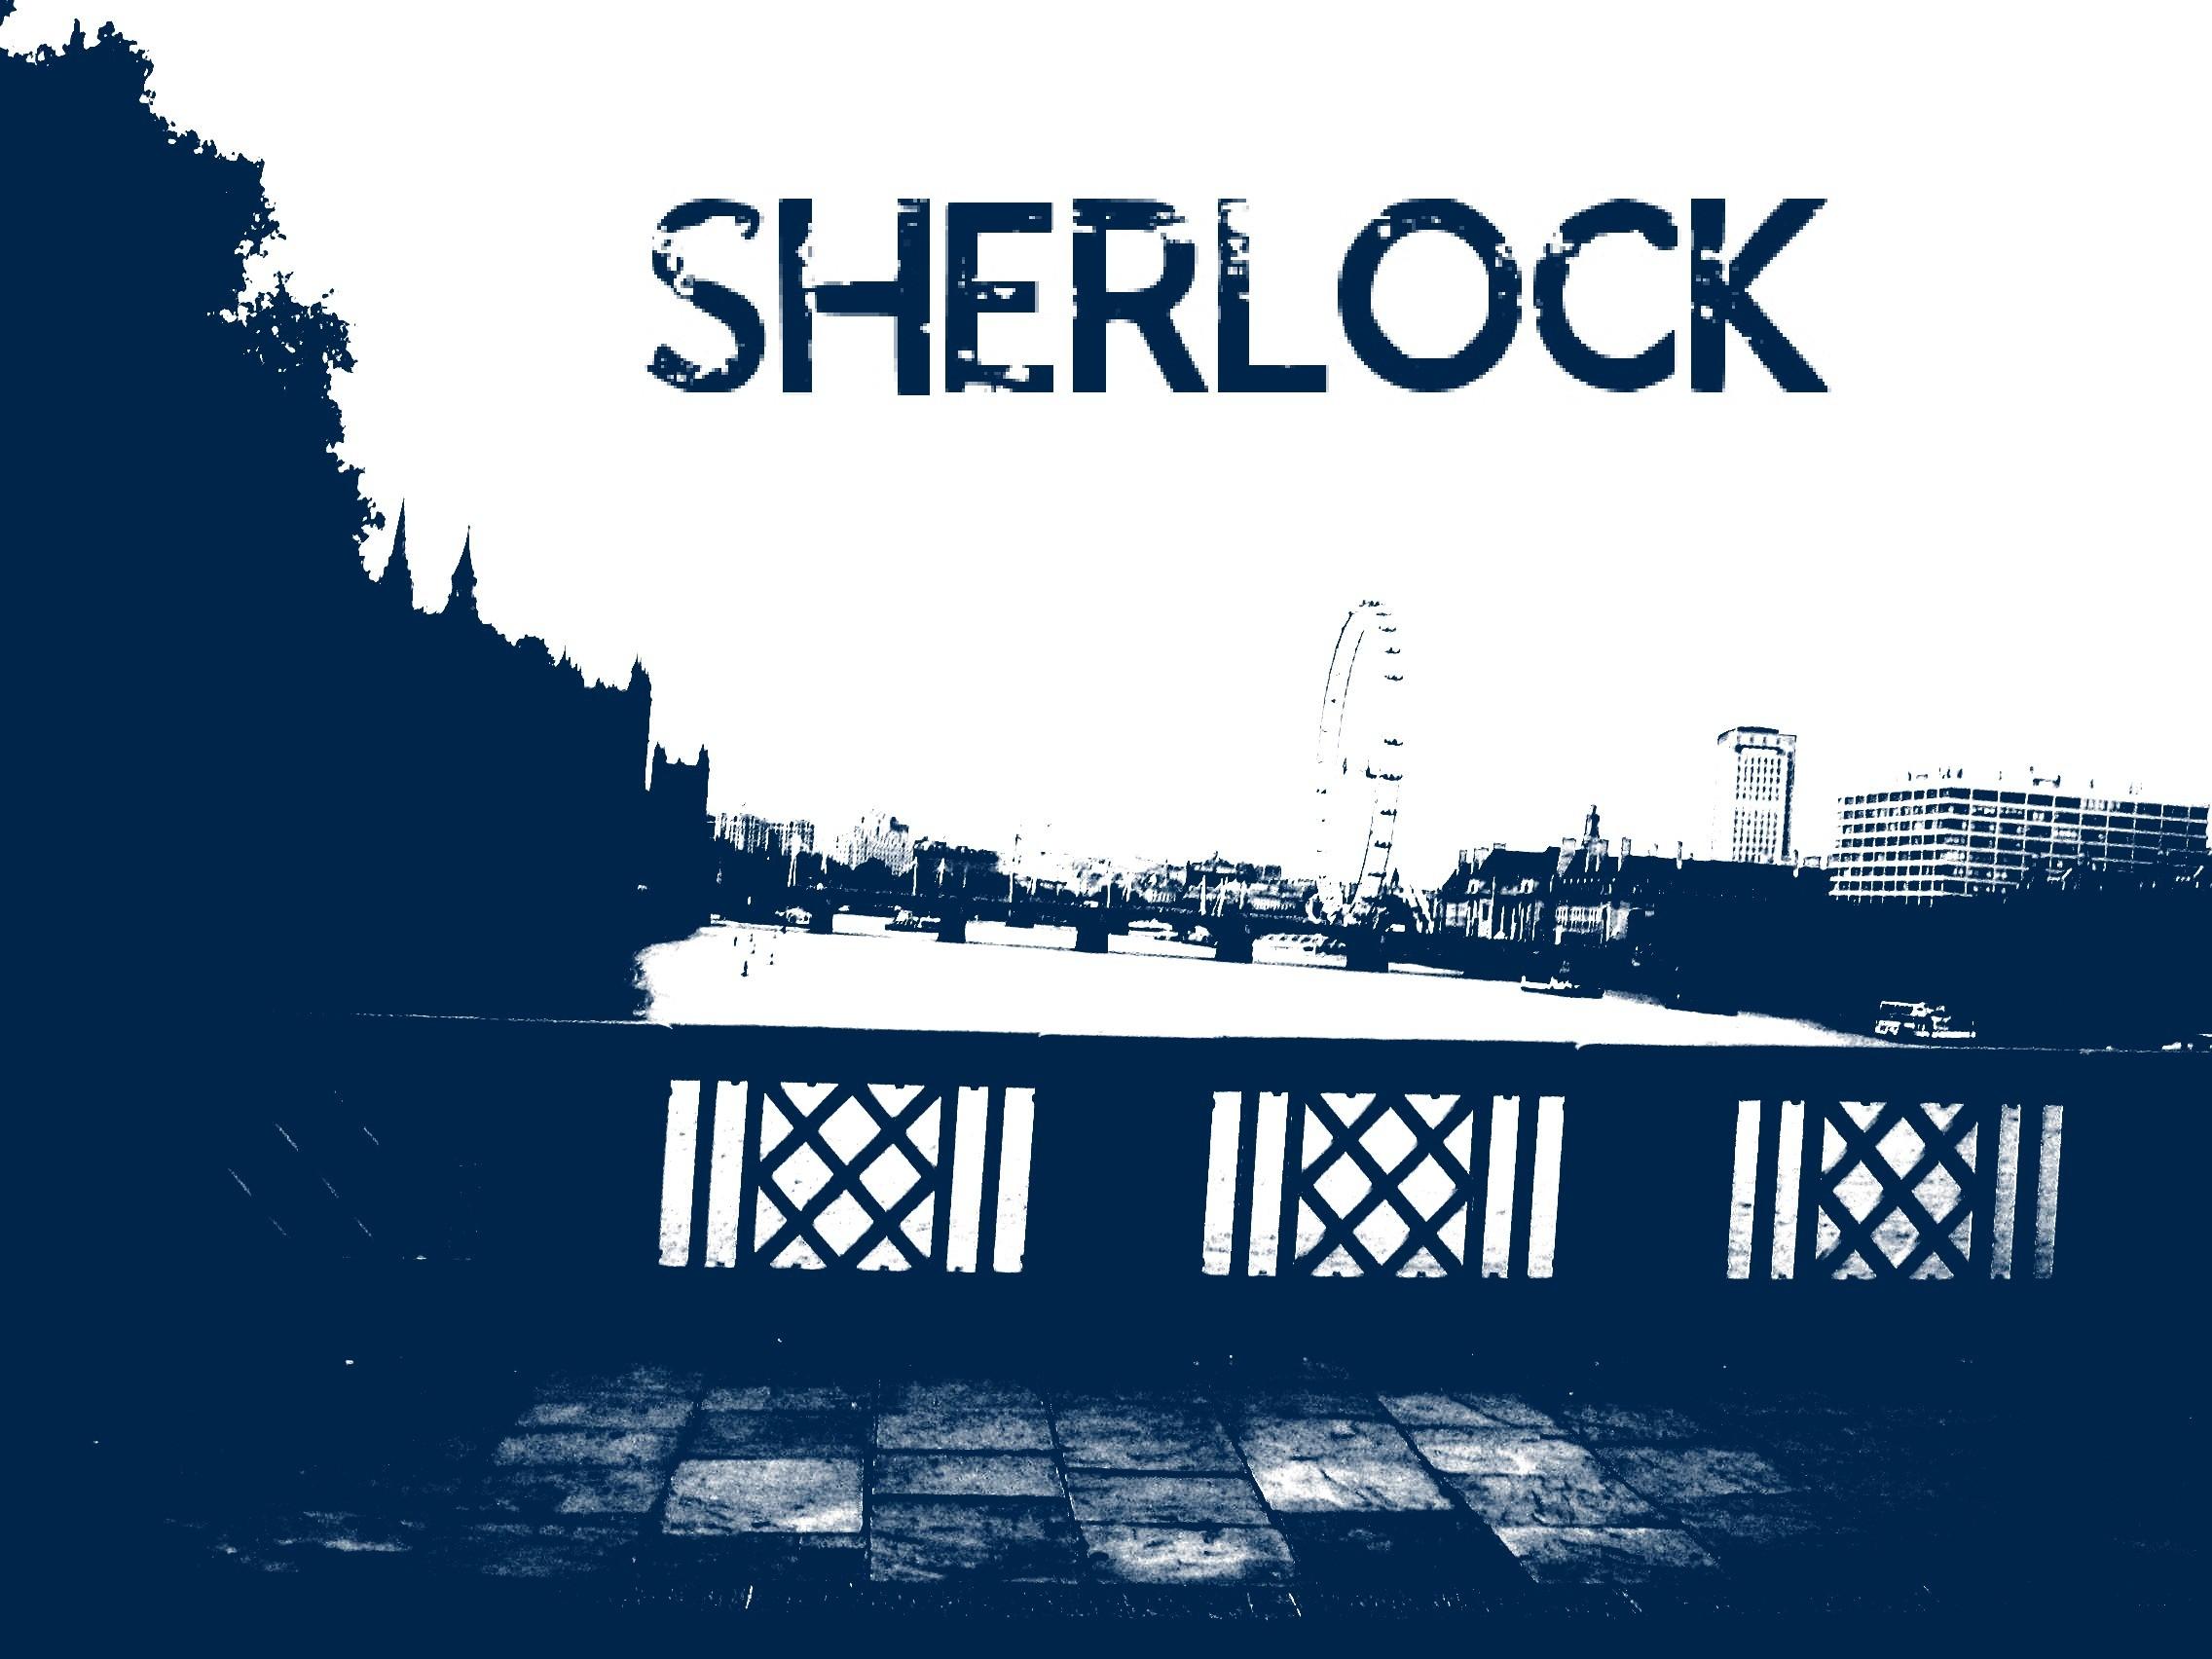 Sherlock by LittleRedHatter Sherlock by LittleRedHatter